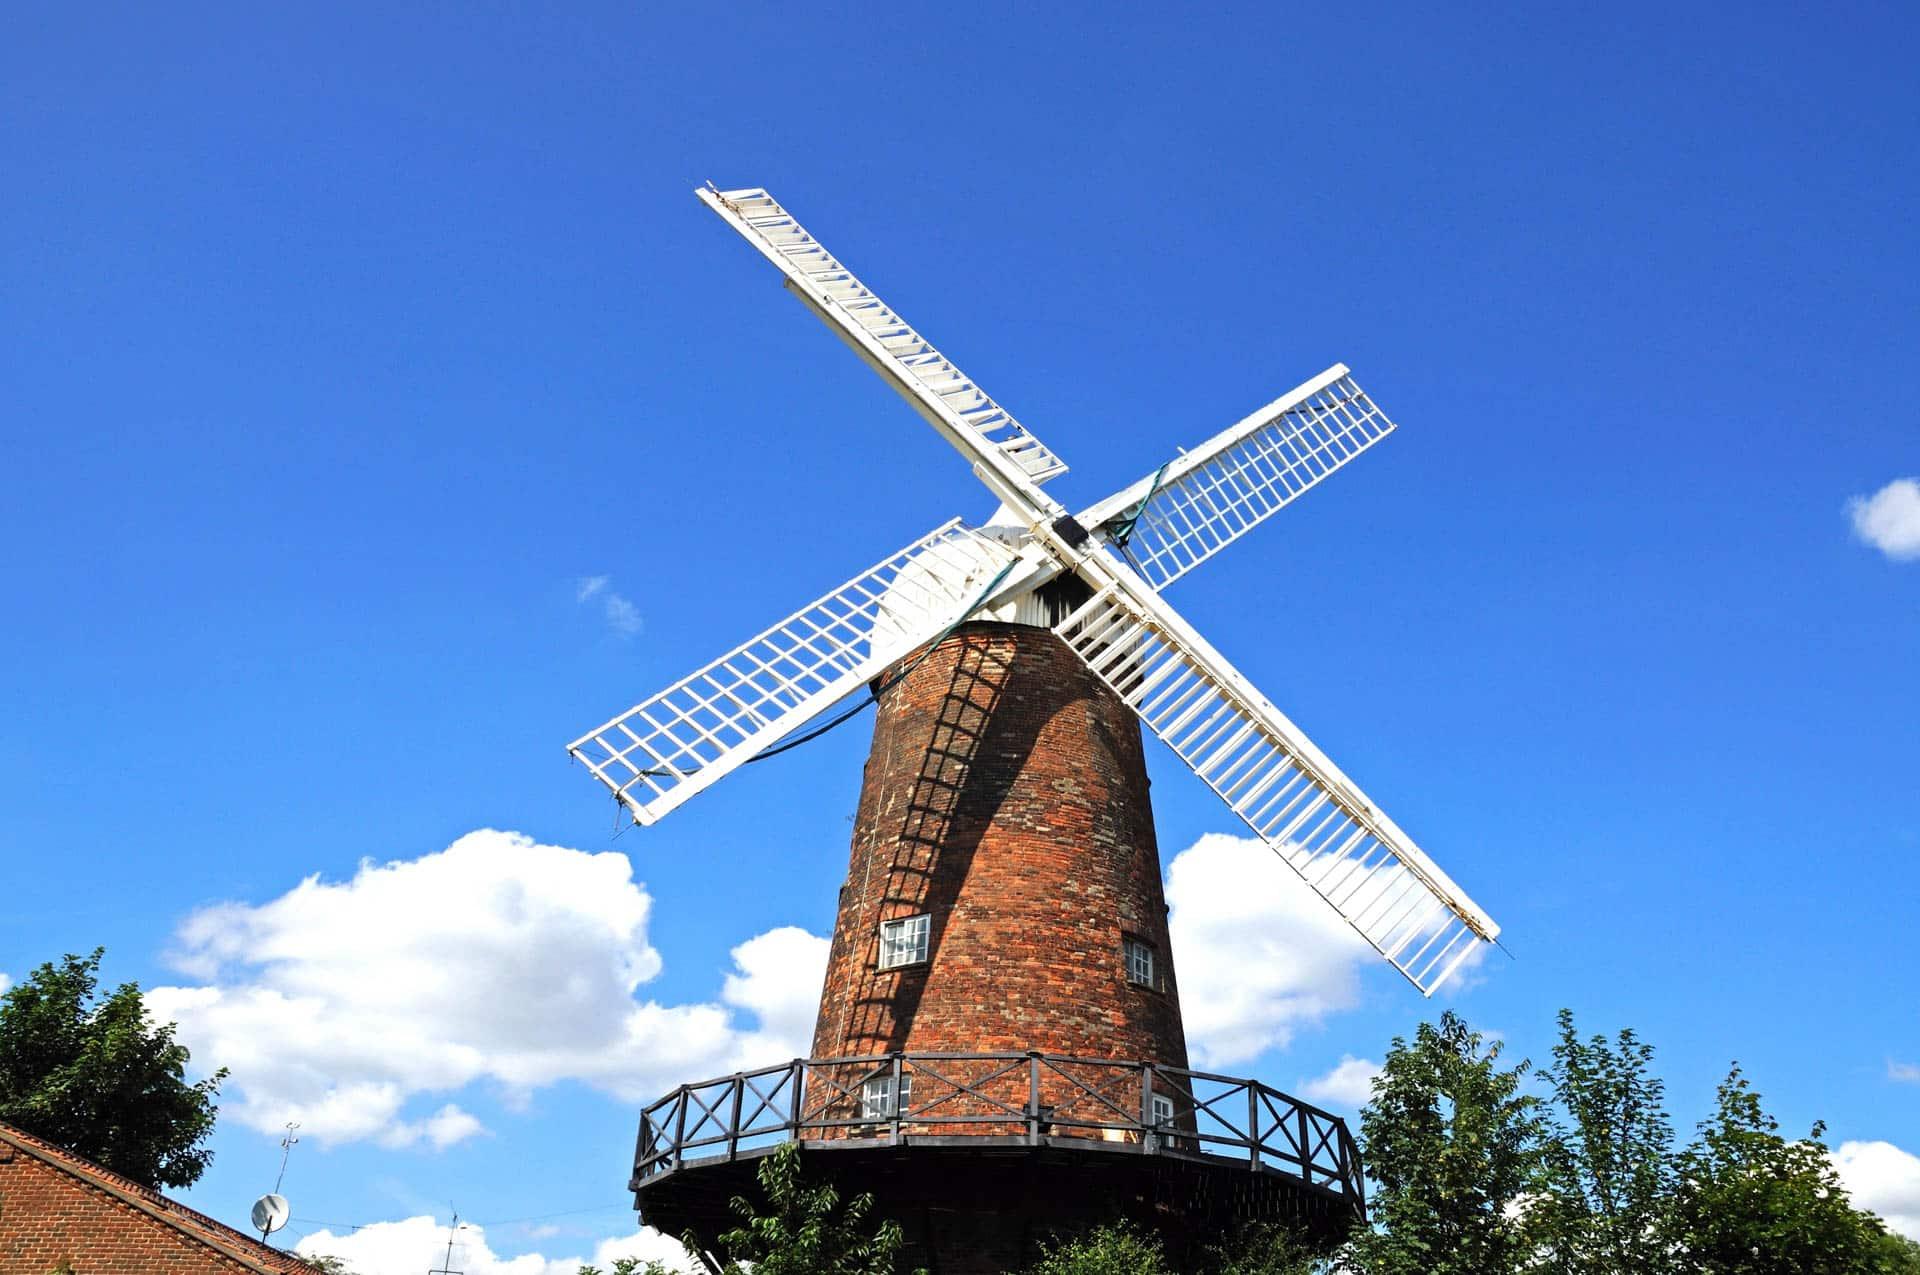 Windmill in Nottingham, United Kingdom